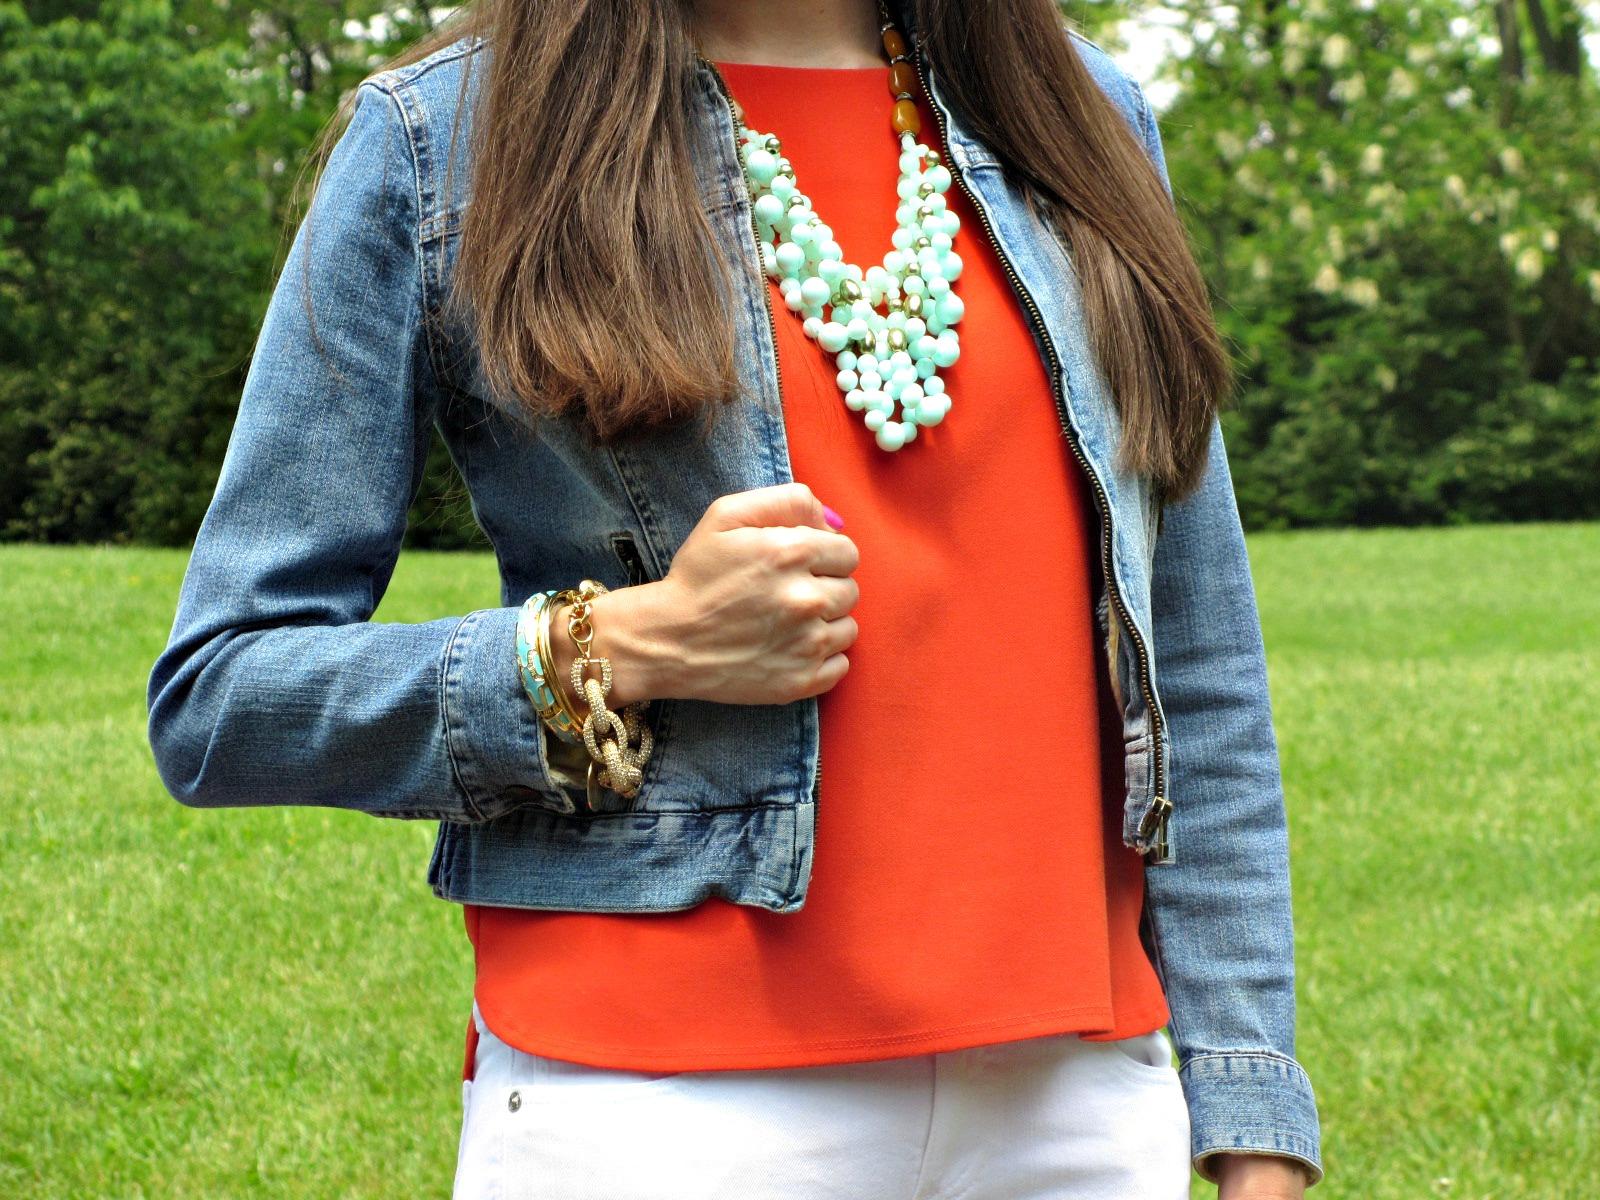 Orange Forever 21 Top, Sigrid Olsen Denim Jacket, Anthropologie Bubble Necklace